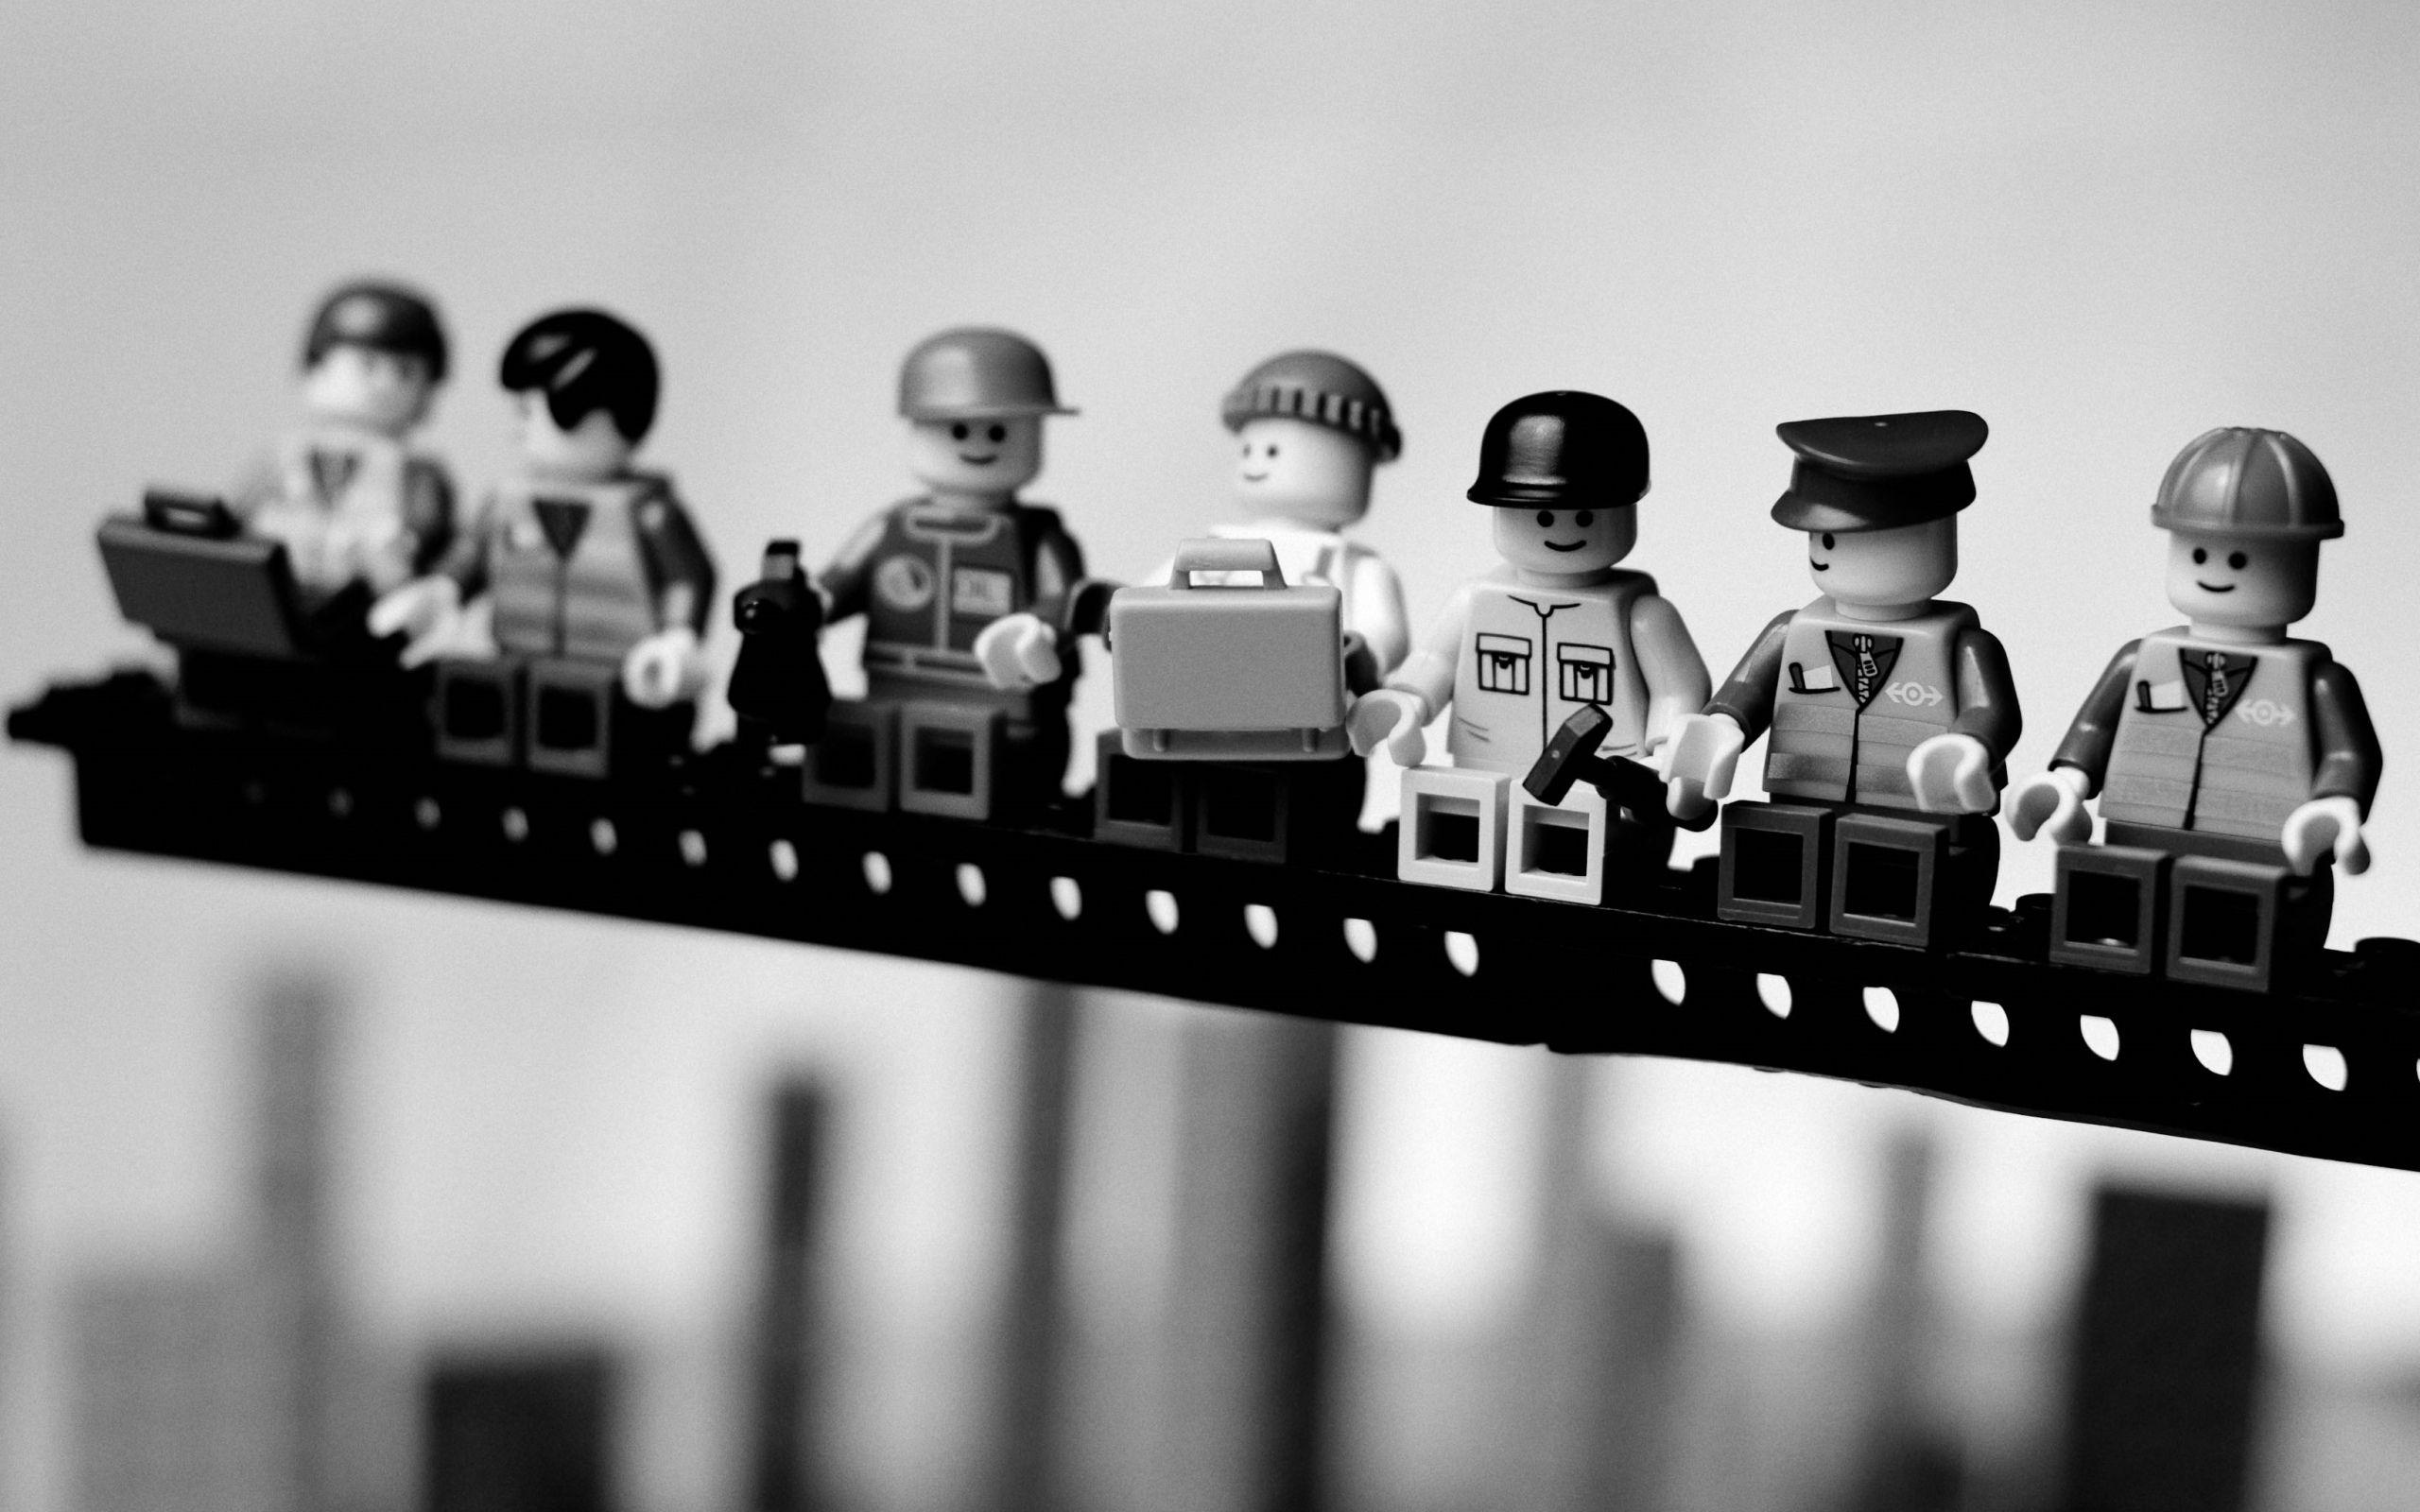 fond d'ecran lego